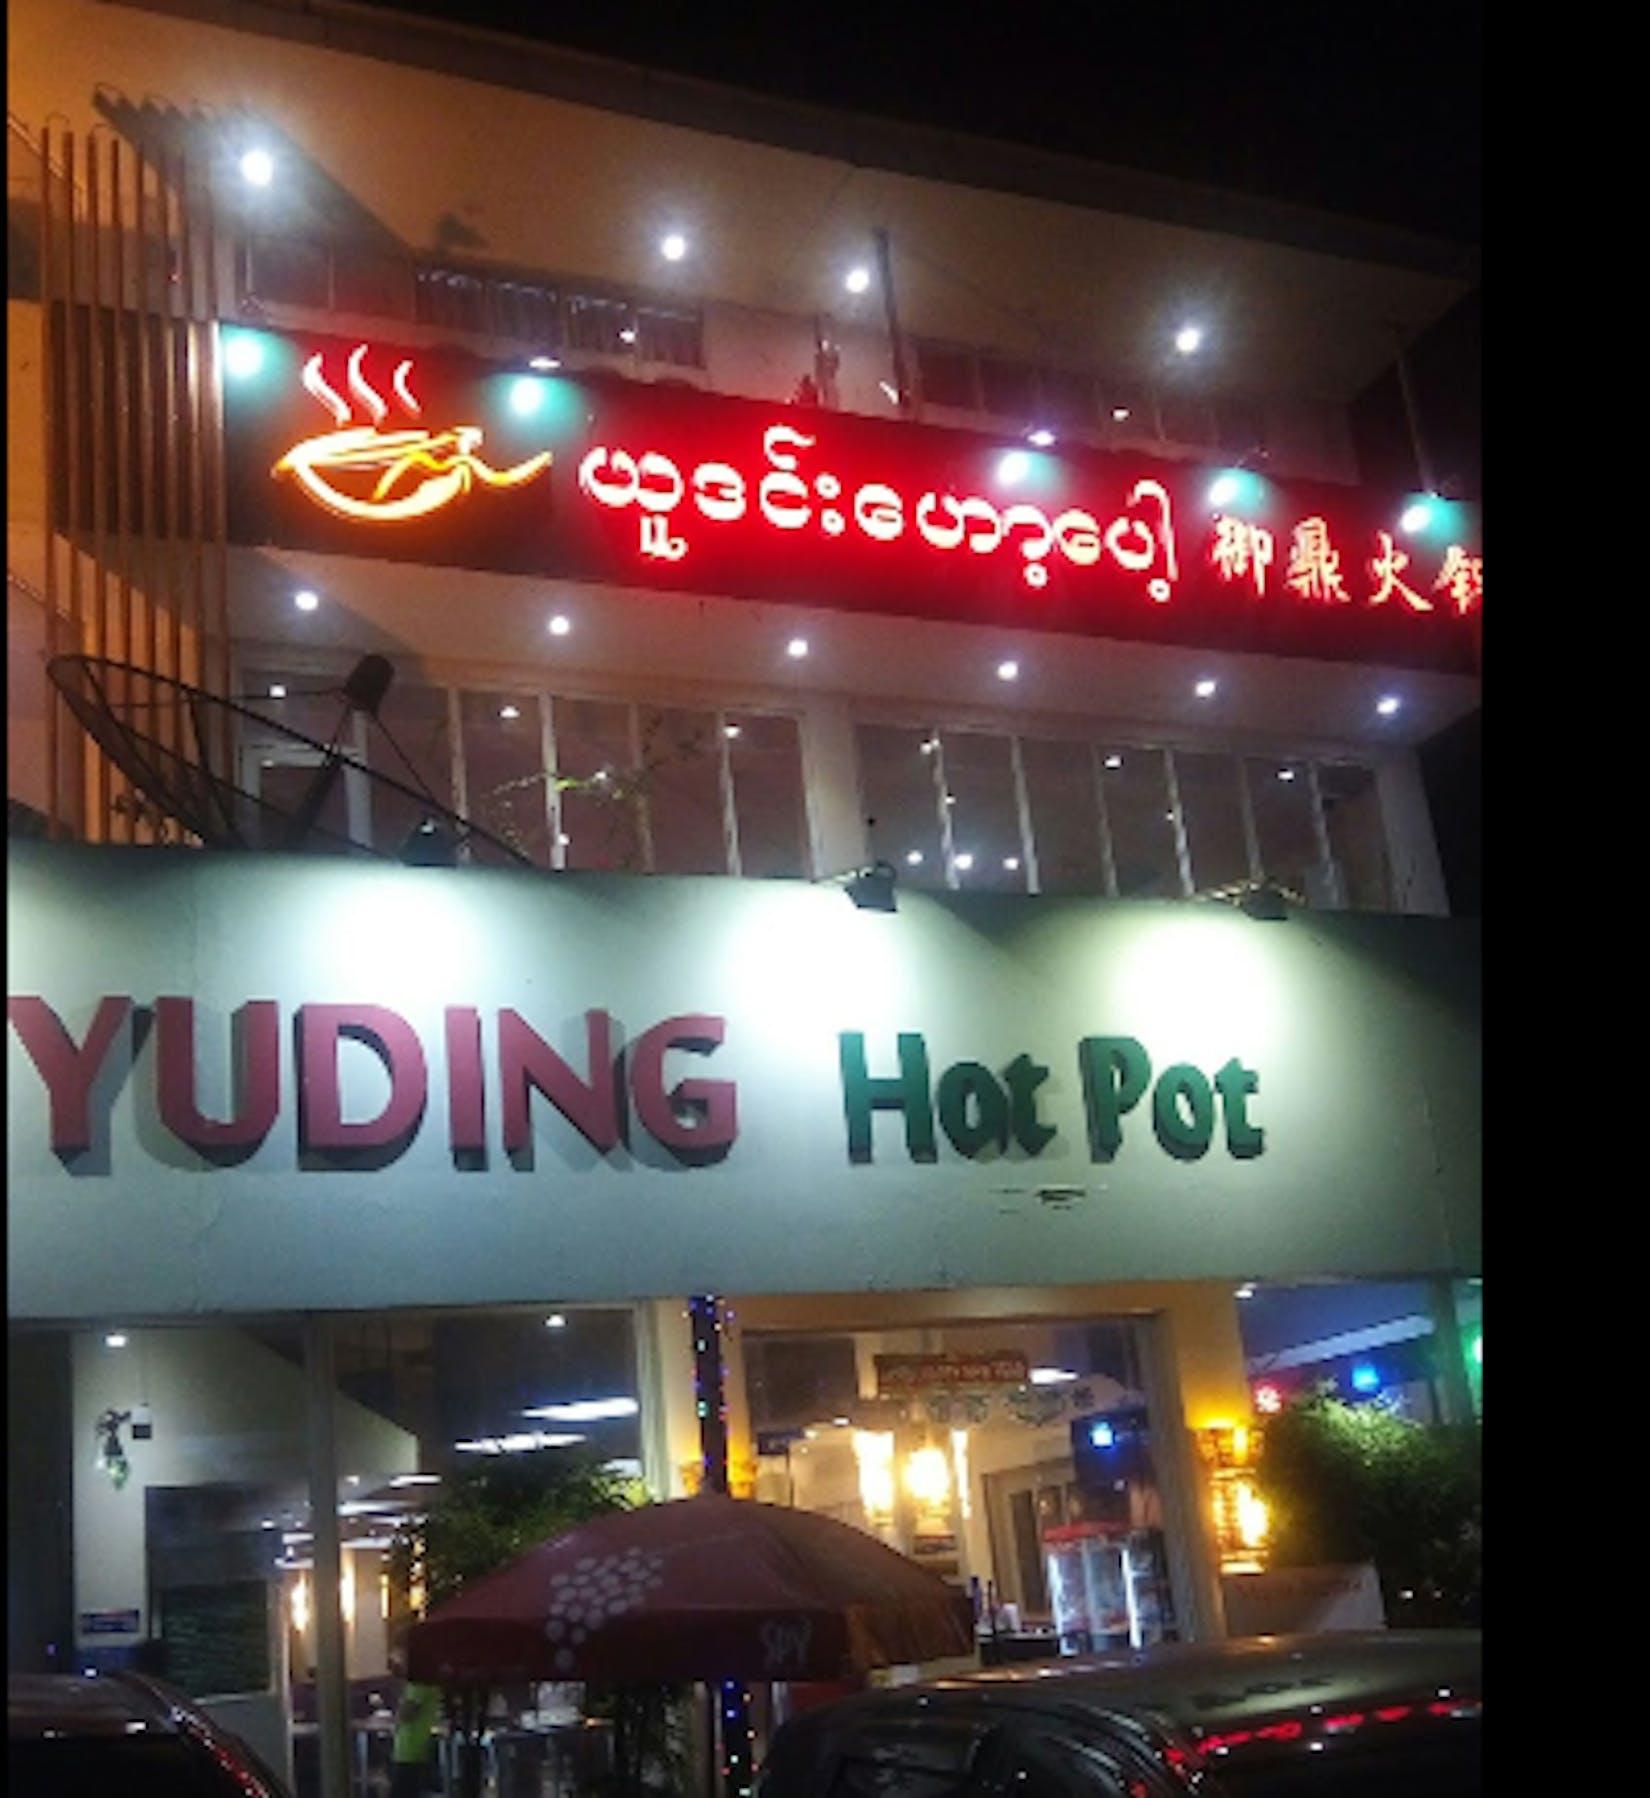 Yu Ding Hot Pot | yathar